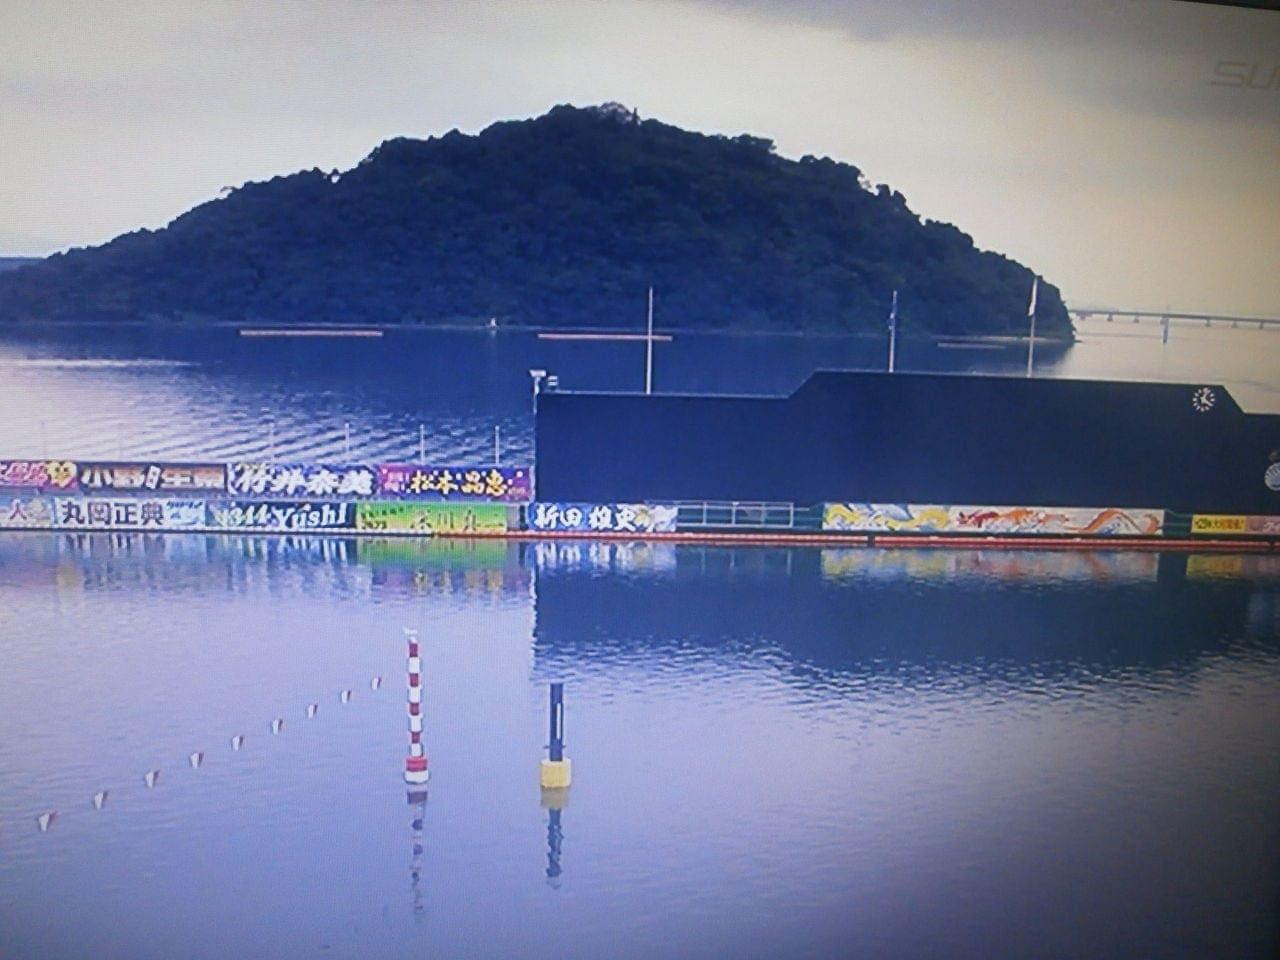 優勝戦では沼田克彦は1号艇で1コース